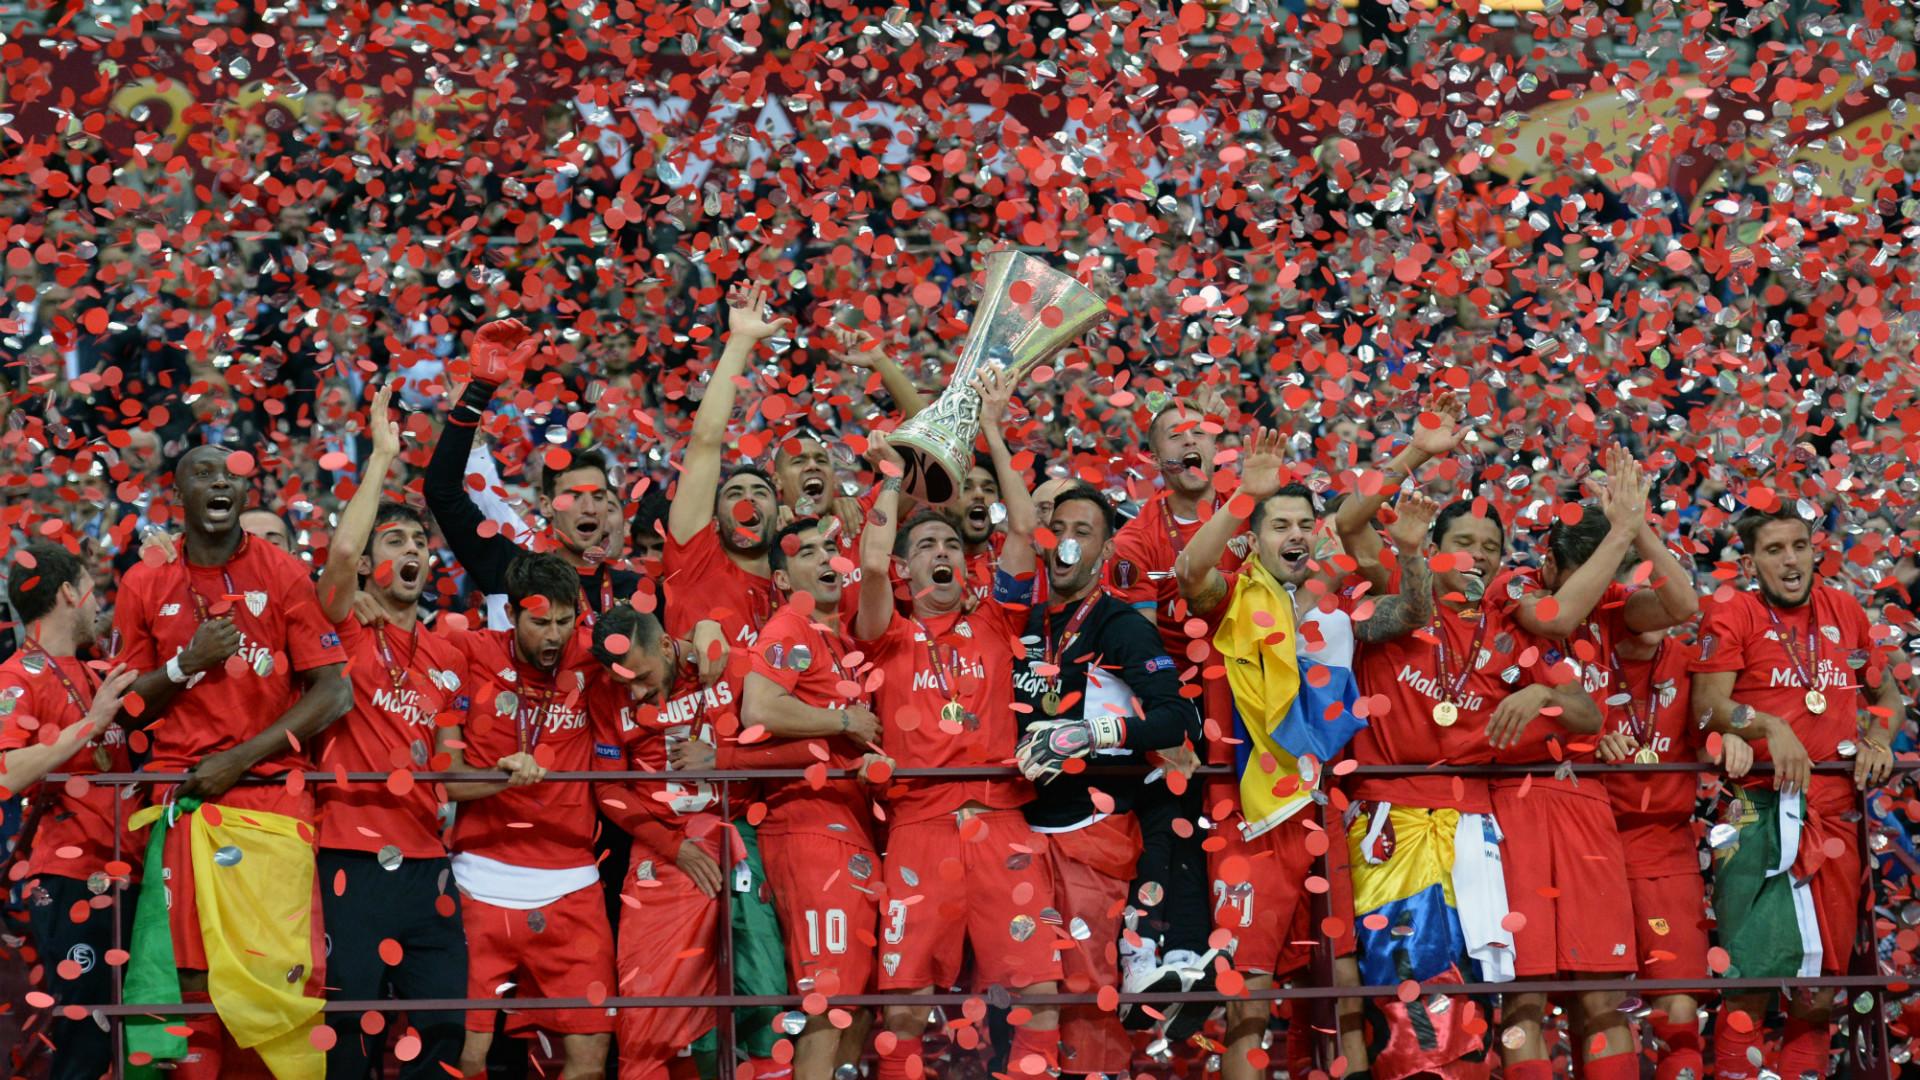 قهرمانی کوپا دل ری حق بارسلونا است